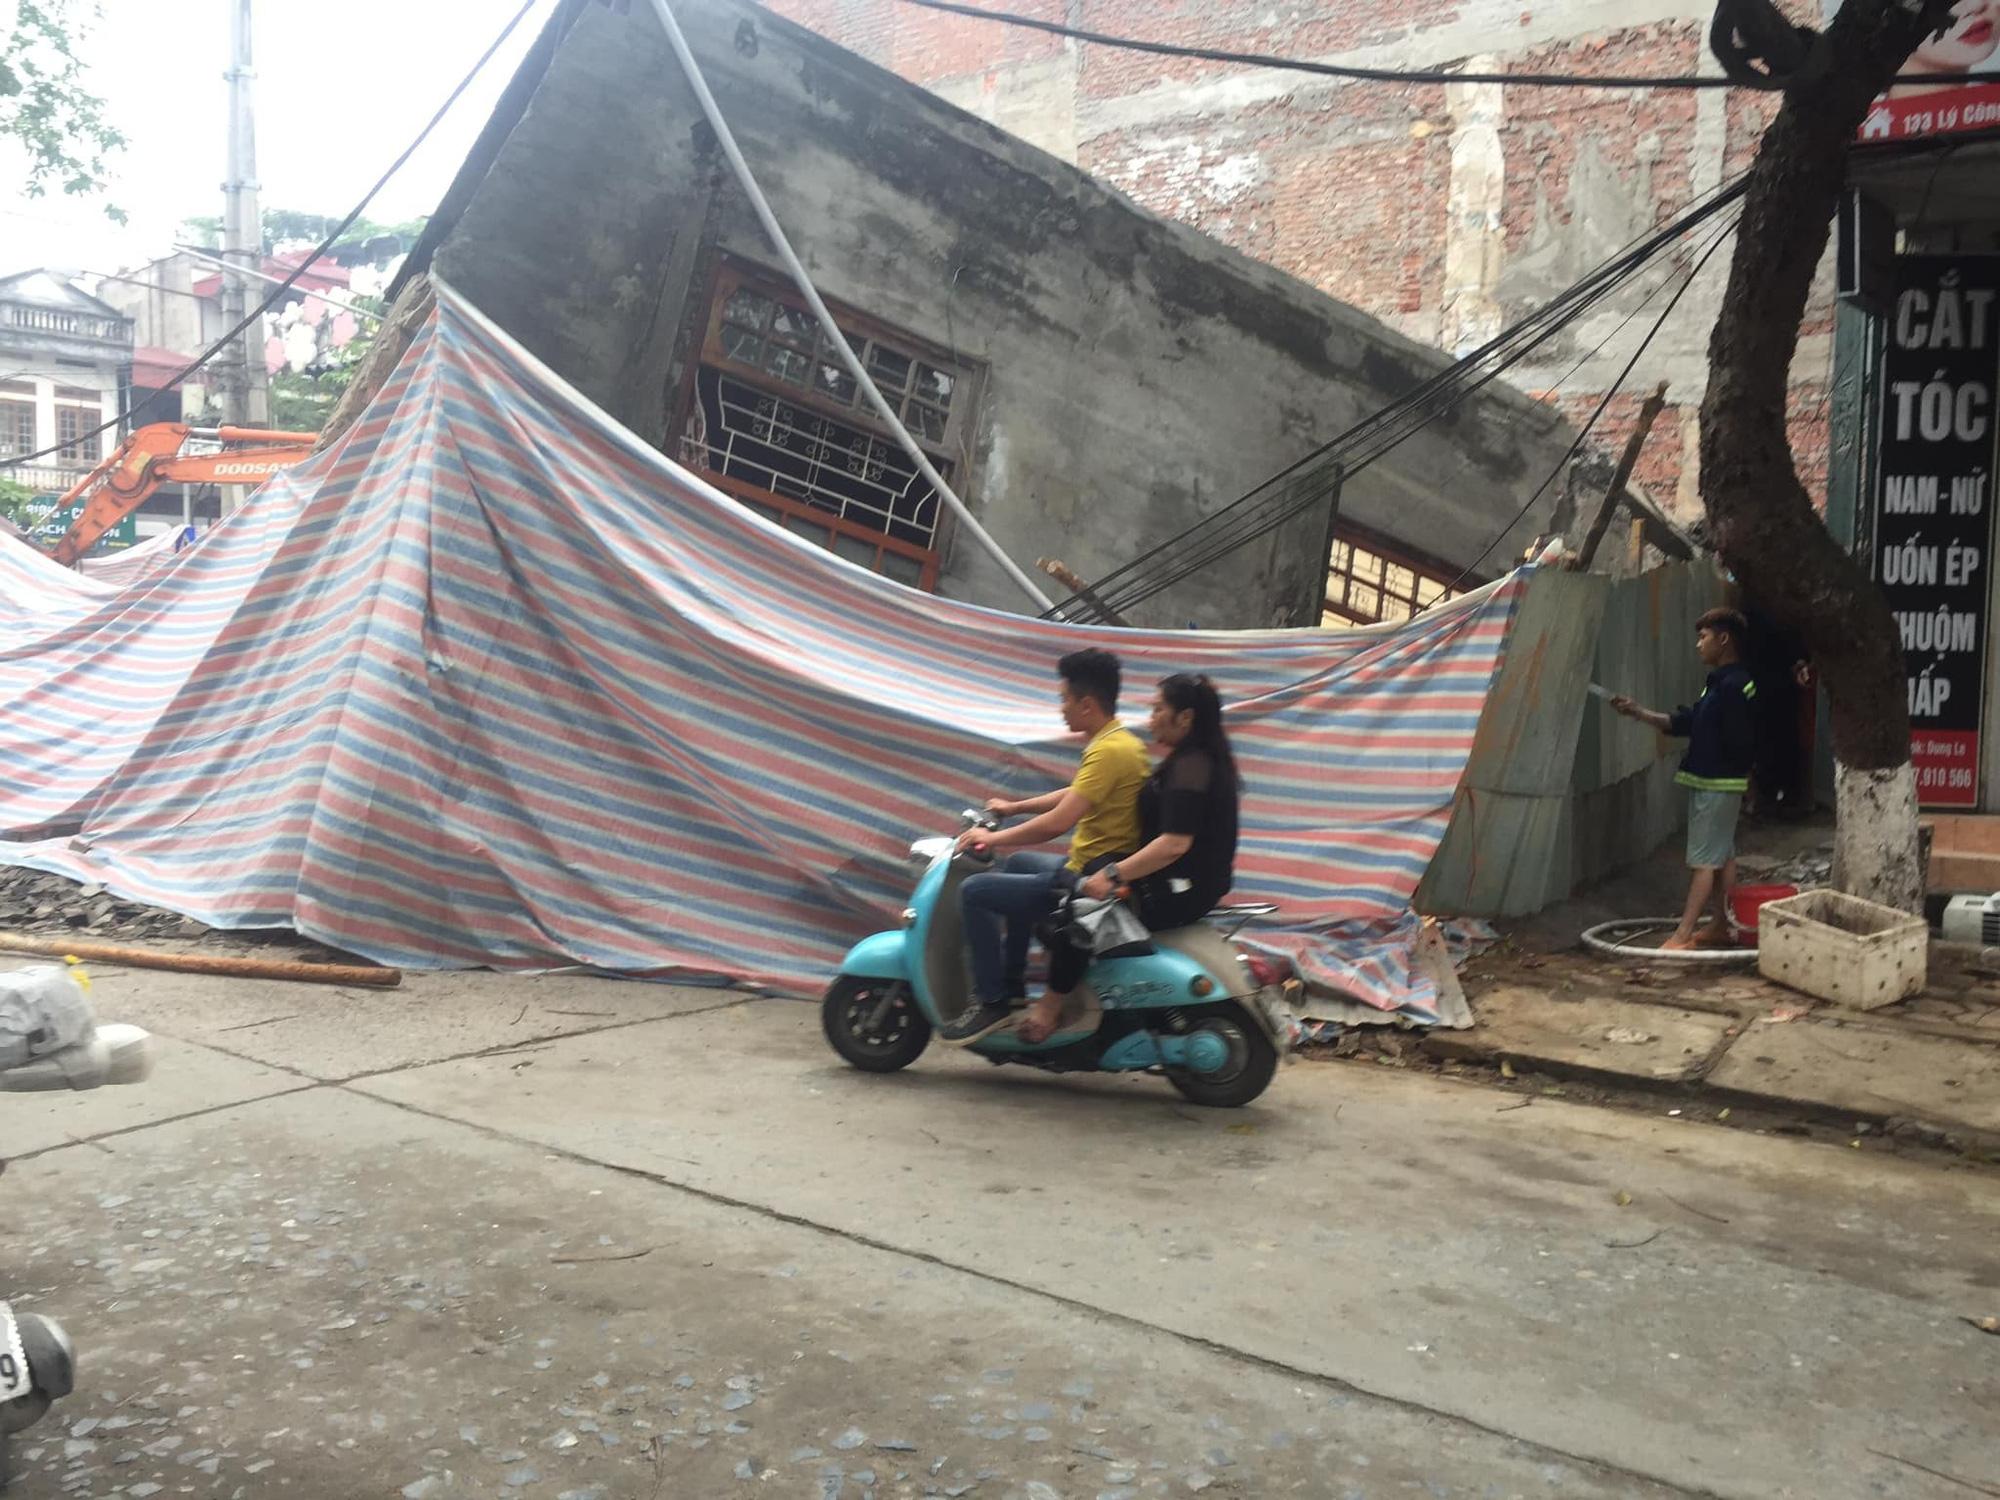 Ngôi nhà 2 tầng bất ngờ đổ sập xuống đường ở thành phố Lào Cai - Ảnh 2.